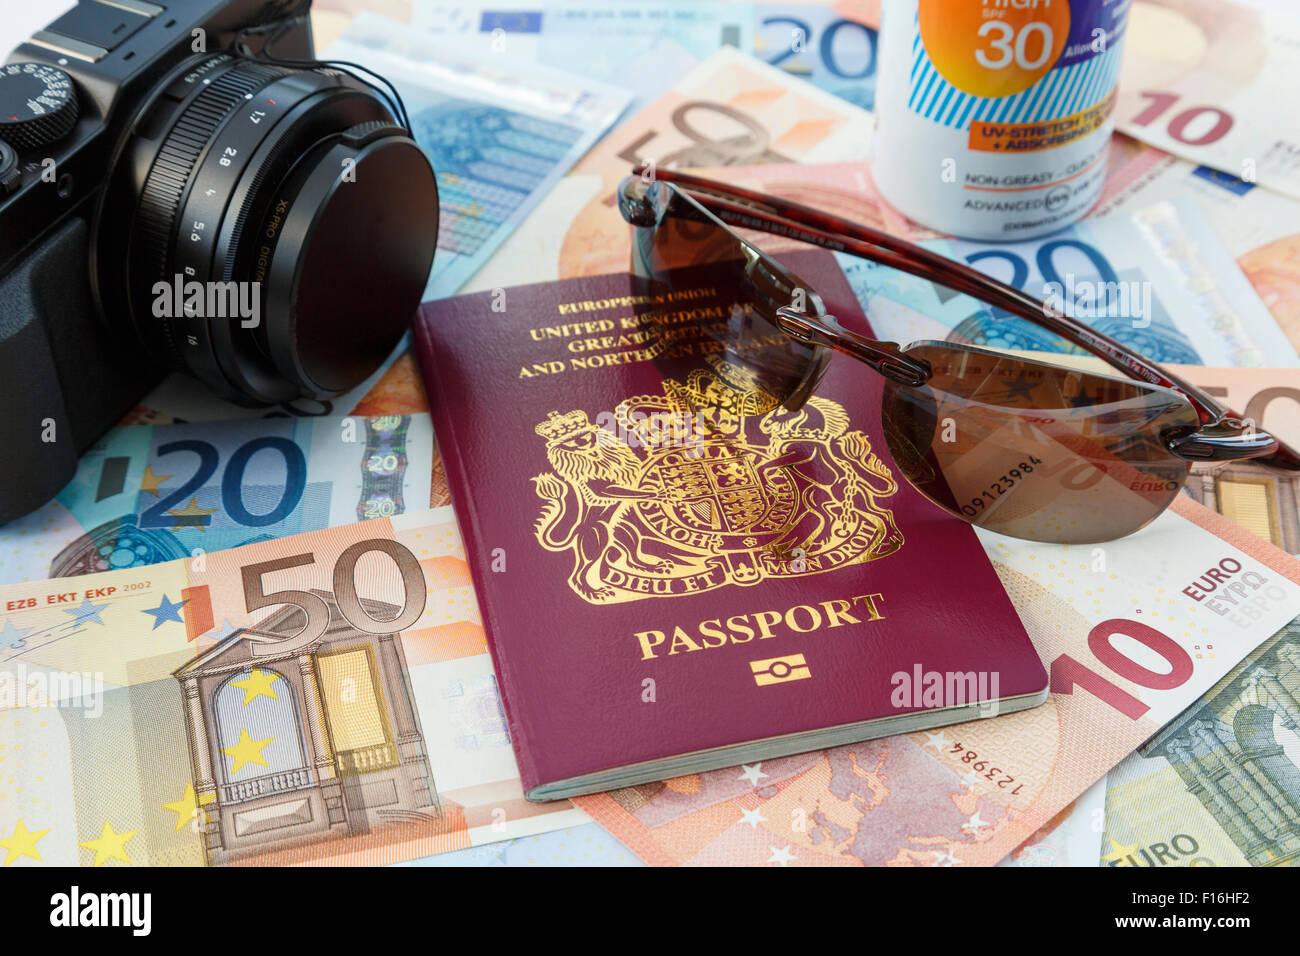 Dinge für Reisen ins Ausland mit Pass Währung Kamera Sonnencreme und Sonnenbrille für Reisen in Länder Stockbild